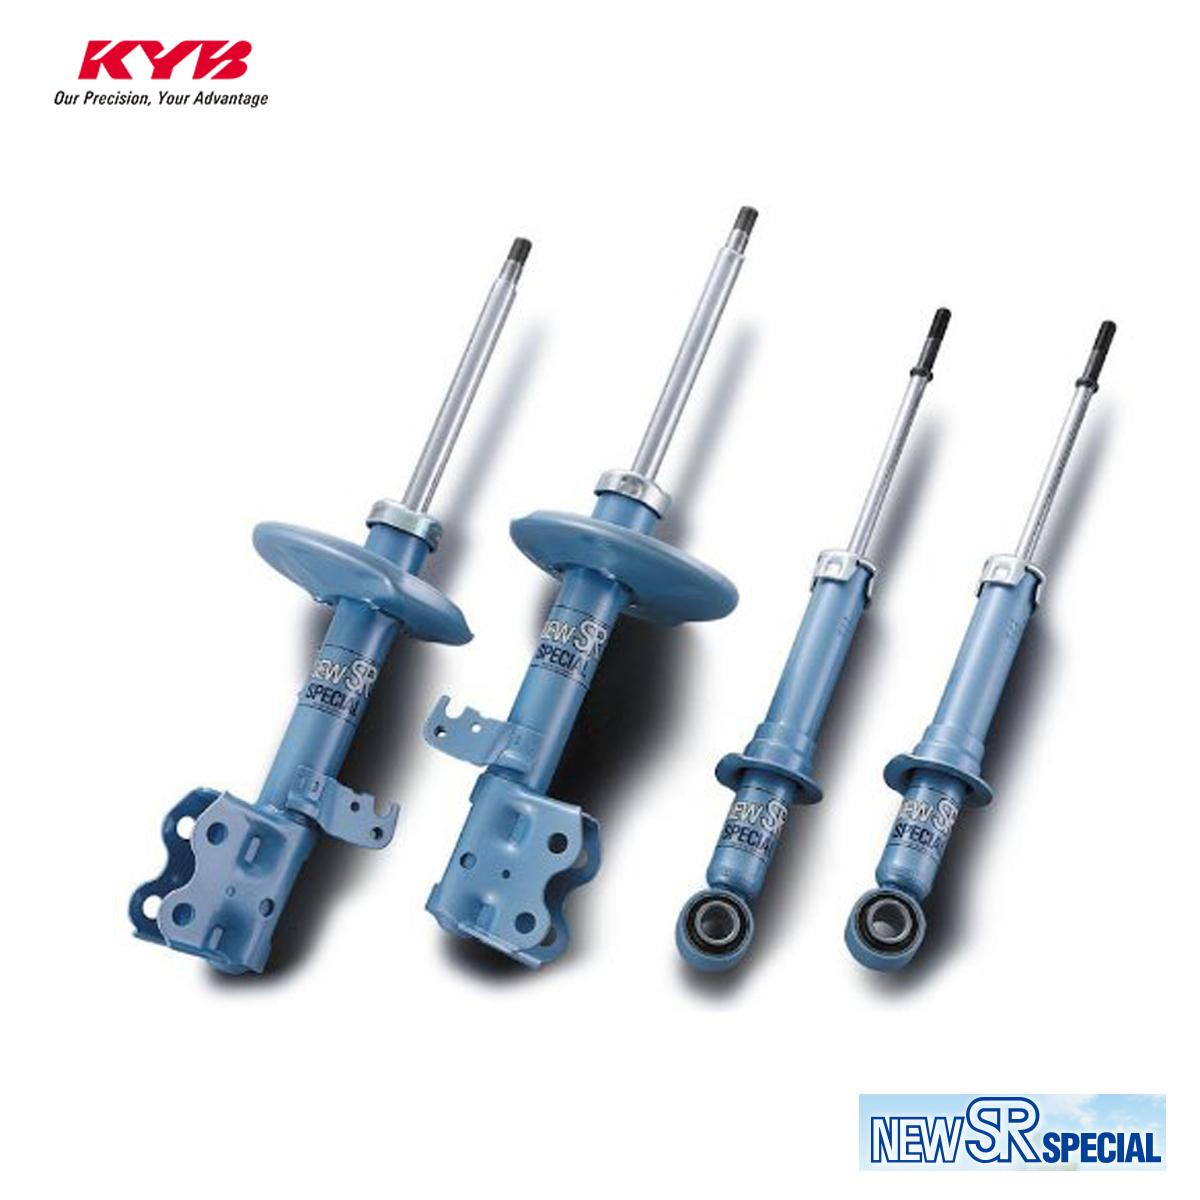 KYB カヤバ RVR N28WG ショックアブソーバー フロント左用 1本 NEW SR SPECIAL NST5103L 配送先条件有り